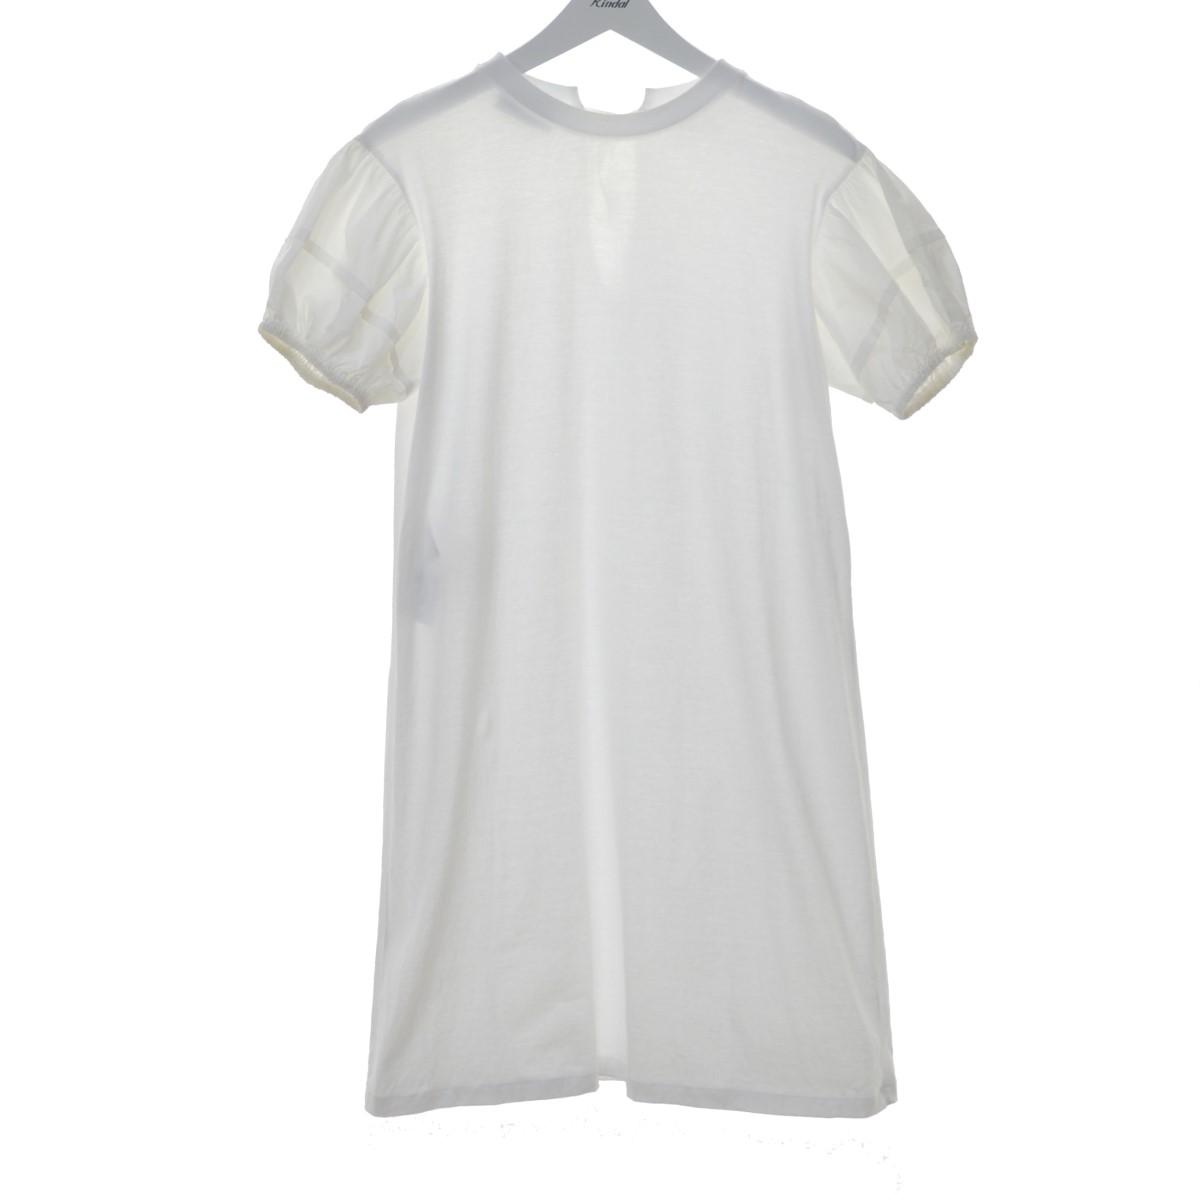 【中古】PRADA 袖切り替えワンピース ホワイト サイズ:S 【020720】(プラダ)